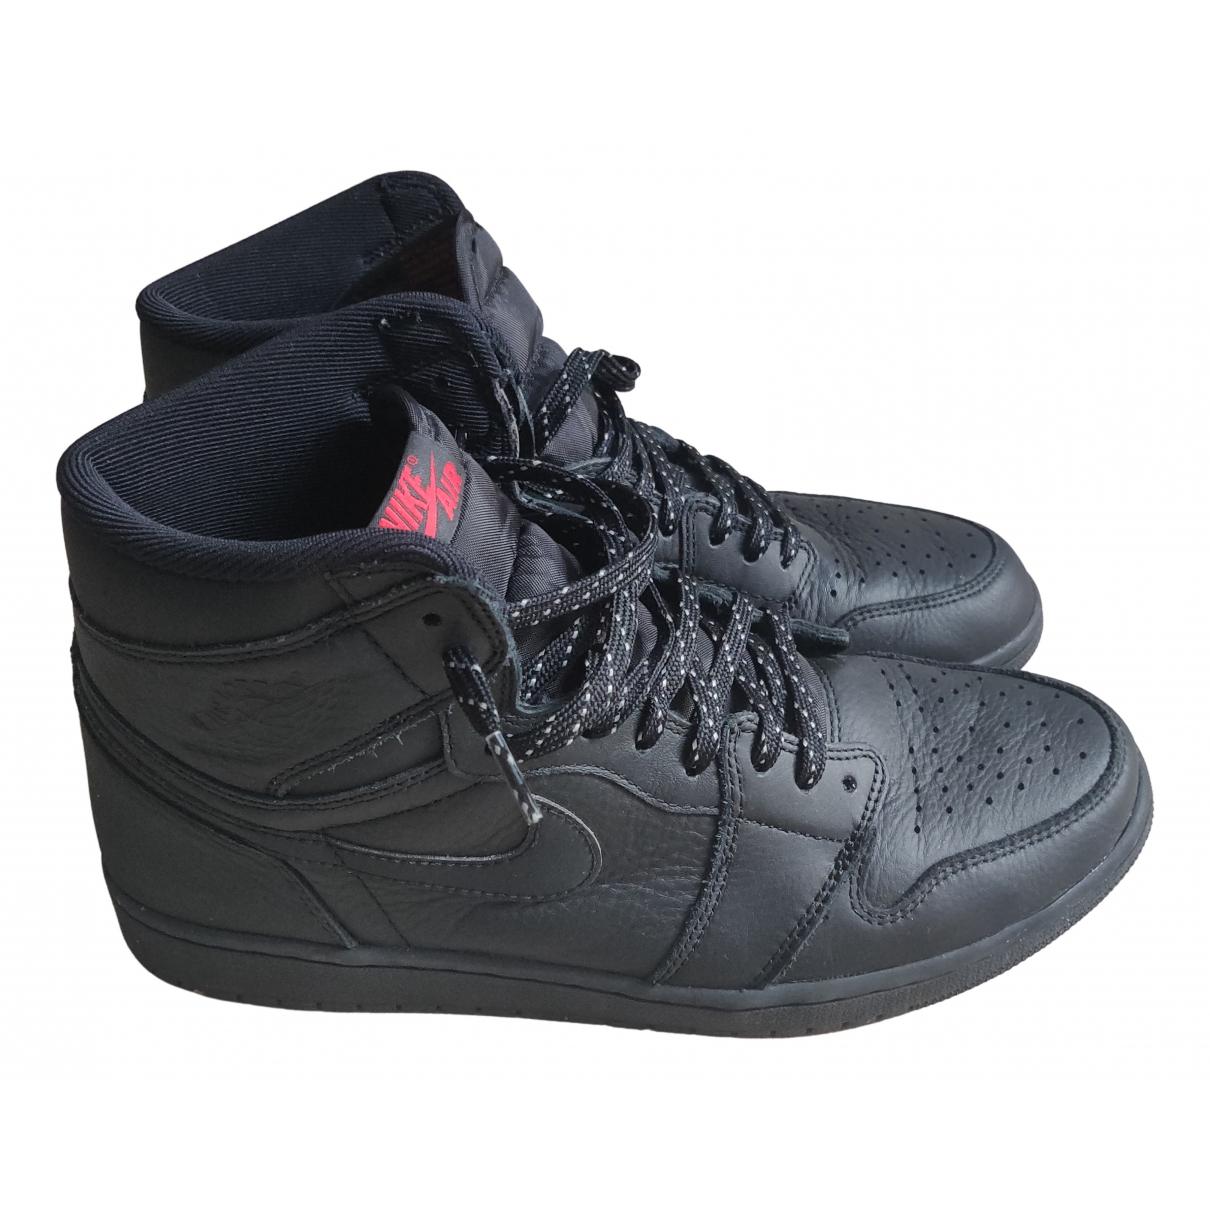 Jordan Air Jordan 1  Black Leather Trainers for Men 45 EU